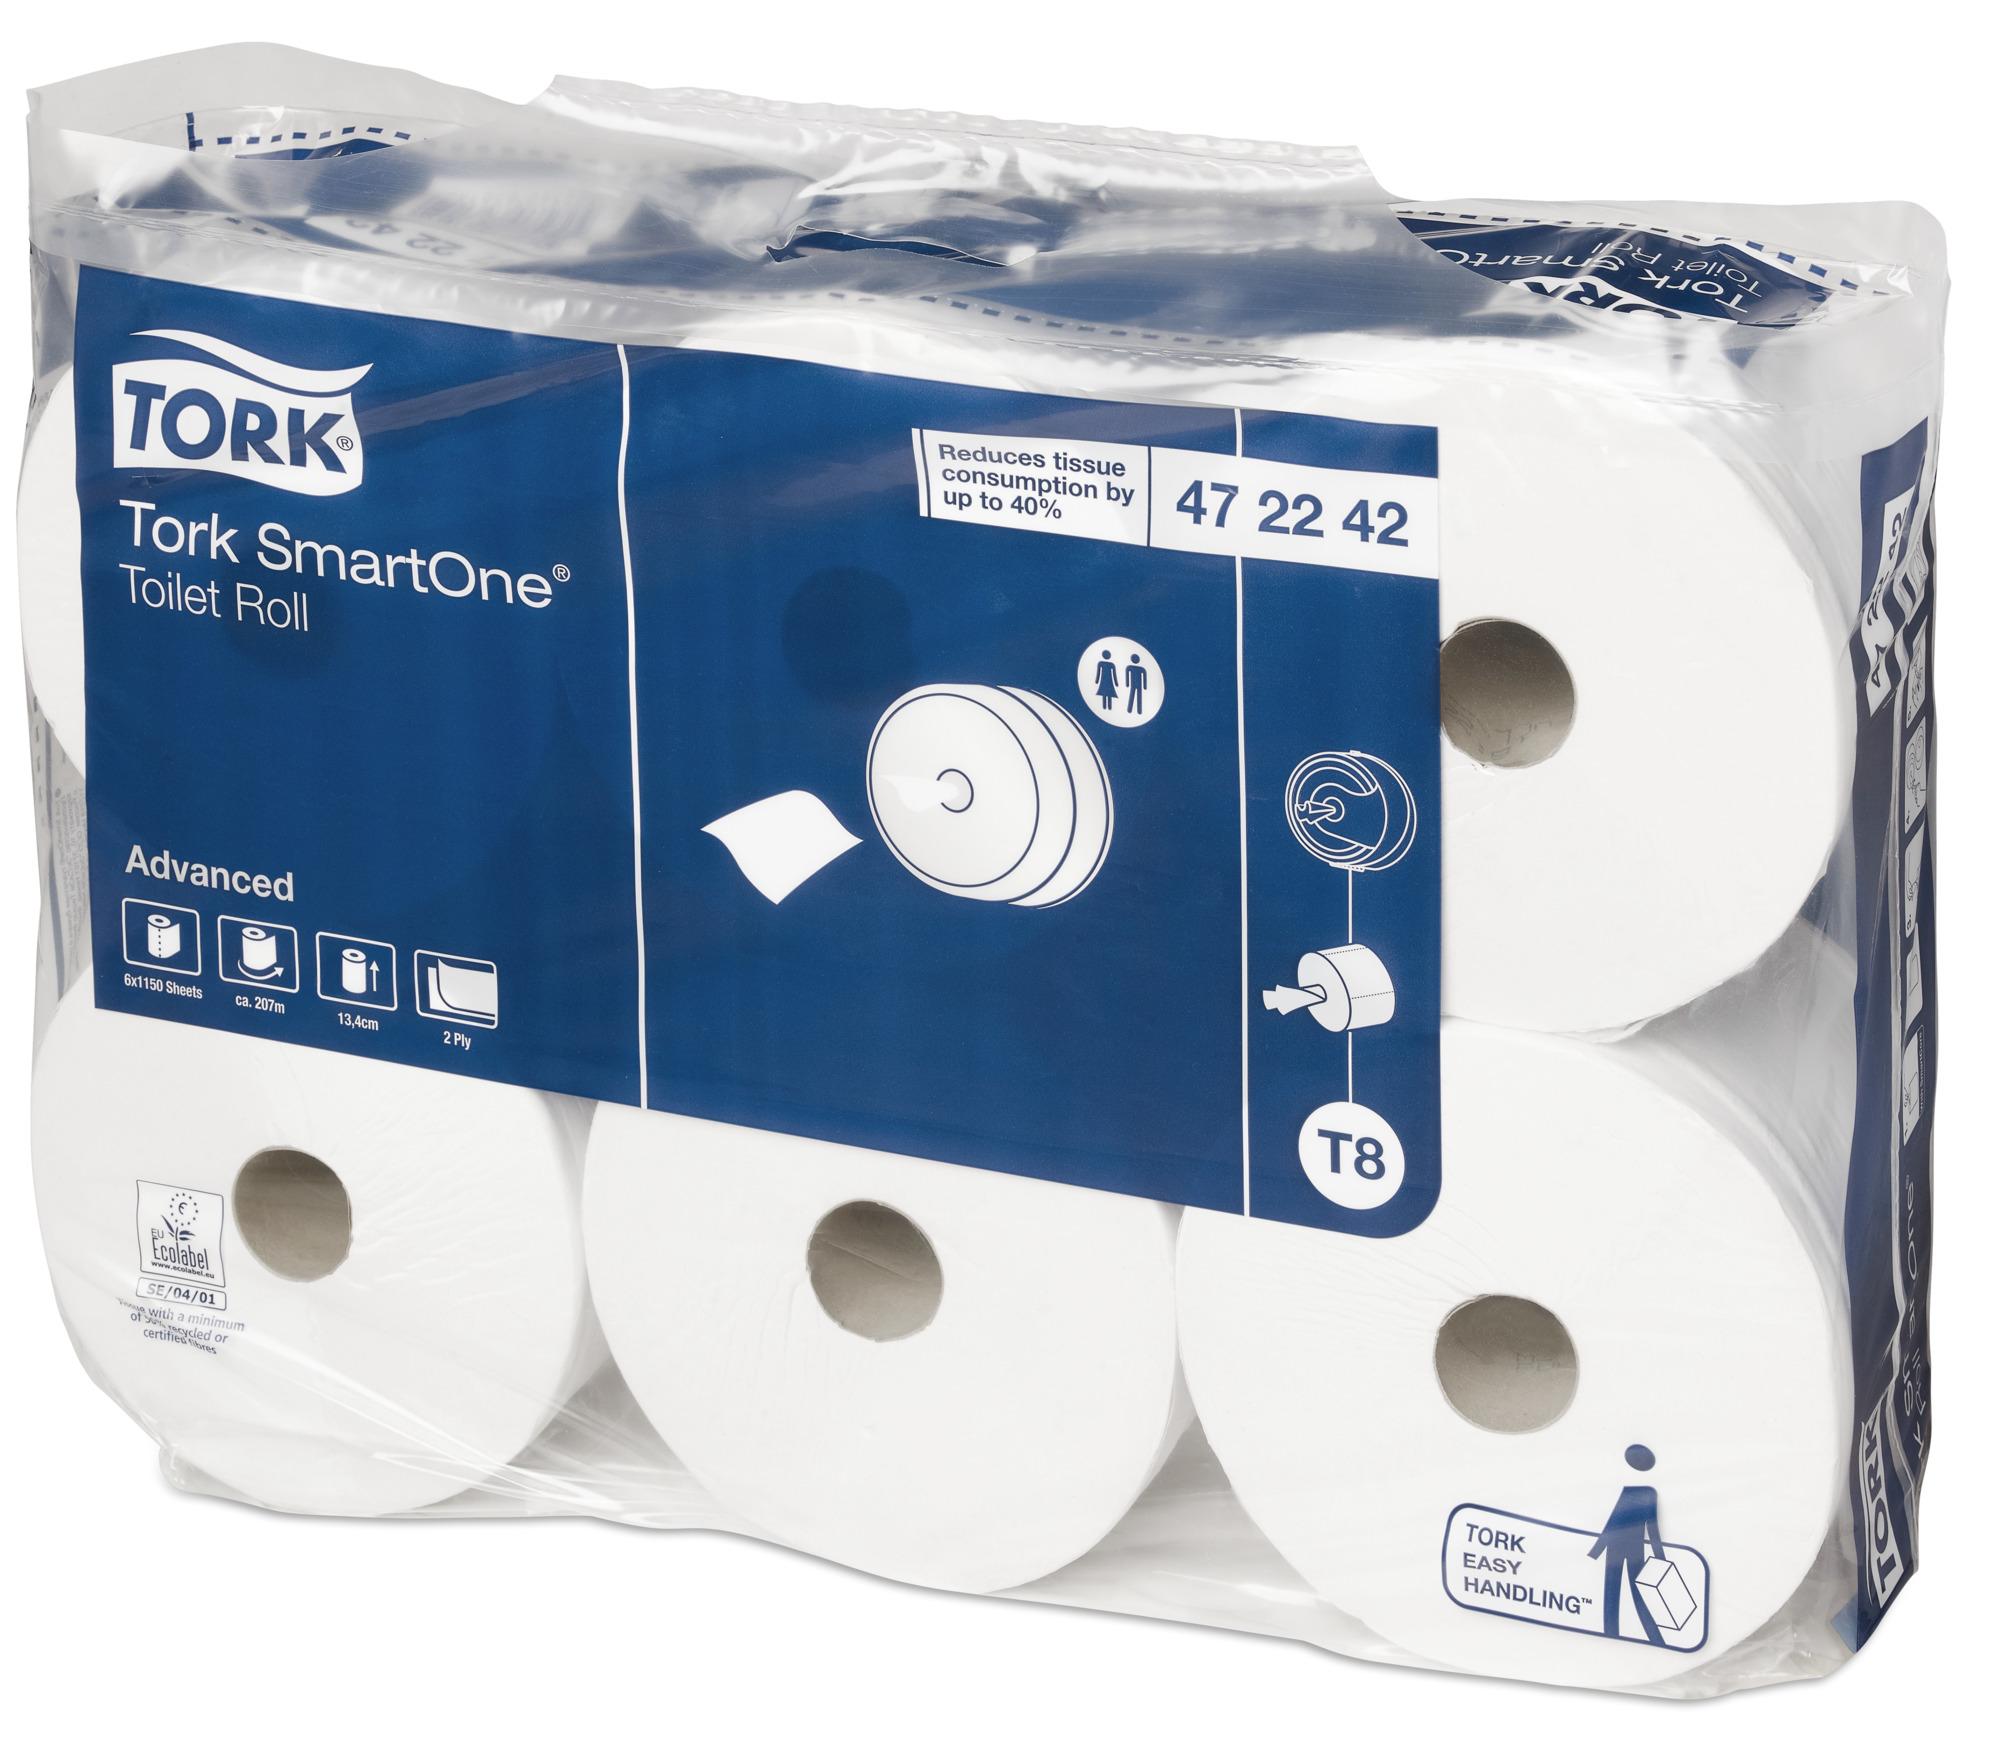 Бумага туалетная для держателя Tork SmartOne, двухслойная, 6 рулонов472242Tork SmartOne® - уникальная система, обеспечивающая гигиеничный полистовой отбор и до 40% экономии по сравнению с традиционными большими рулонами. Рулоны Tork SmartOne® высокой емкости подходят для туалетных комнат с высокой проходимостью.Бумага мгновенно растворяется в воде - риск засорения канализации сведен к минимуму. Мягкая белая бумага комфортна в использовании.Легко вынимаемая втулка SmartCore® гарантирует быструю и простую перезаправку.